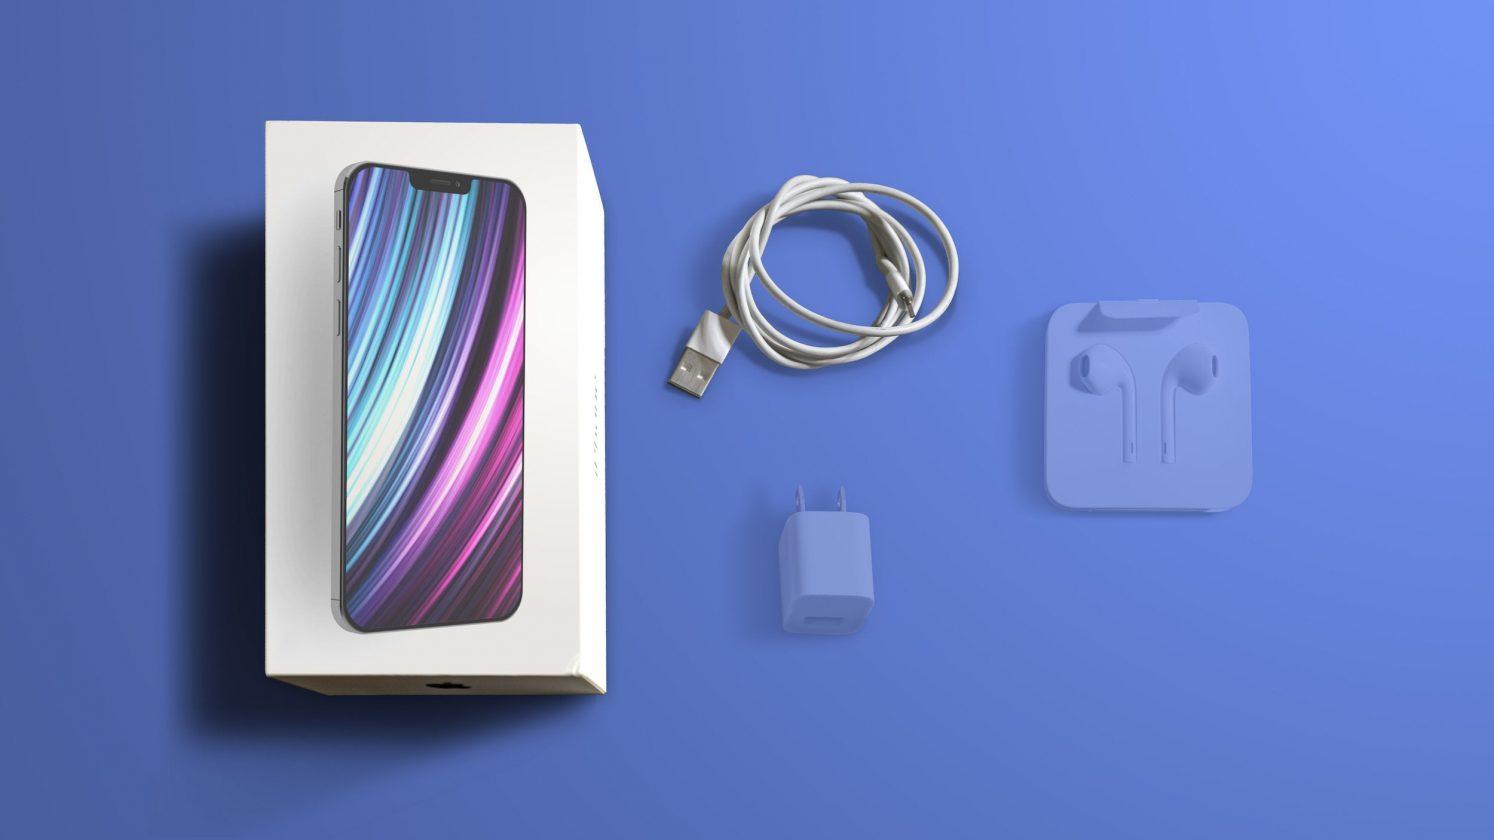 Apple sẽ tổ chức sự kiện trực tuyến ra mắt iPhone 12 mới vào ngày 16/9 - 2